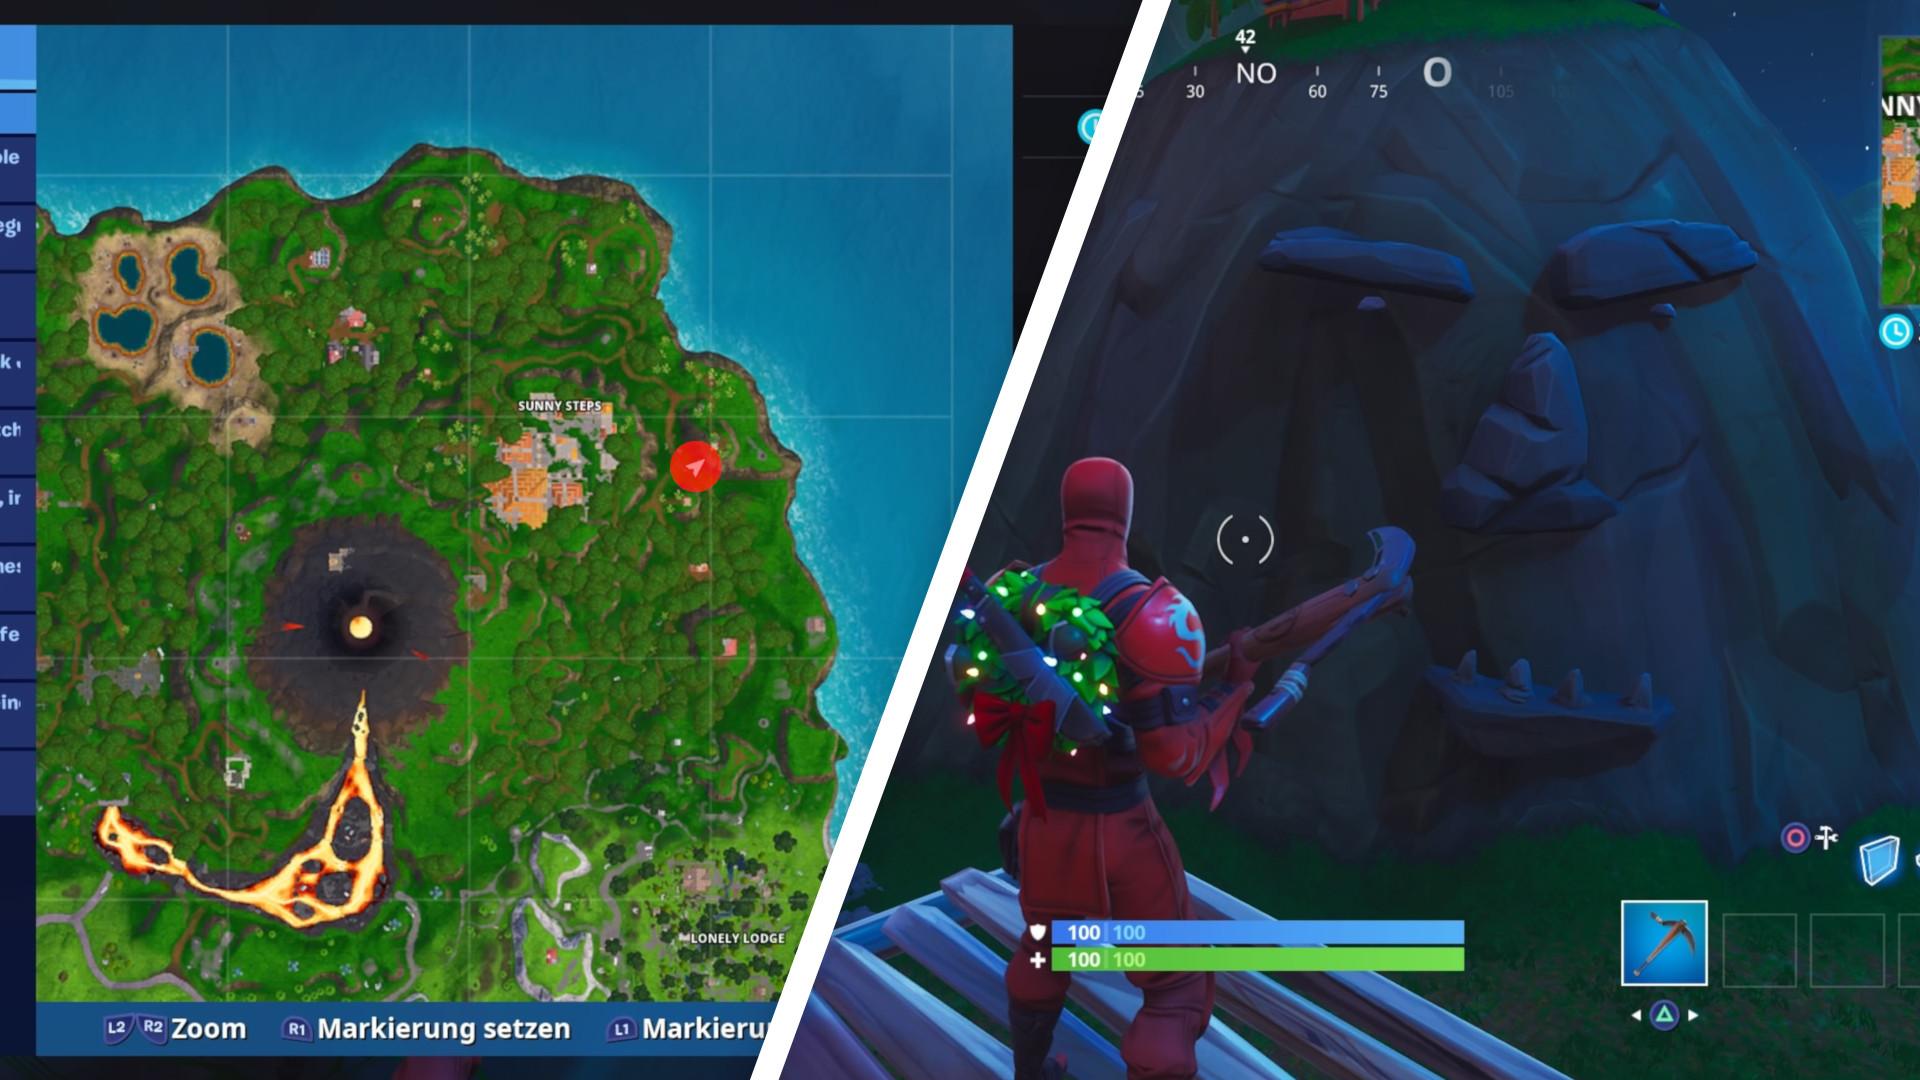 Fortnite Season 8 Woche 1 Map Fortnite Aimbot Working 2019